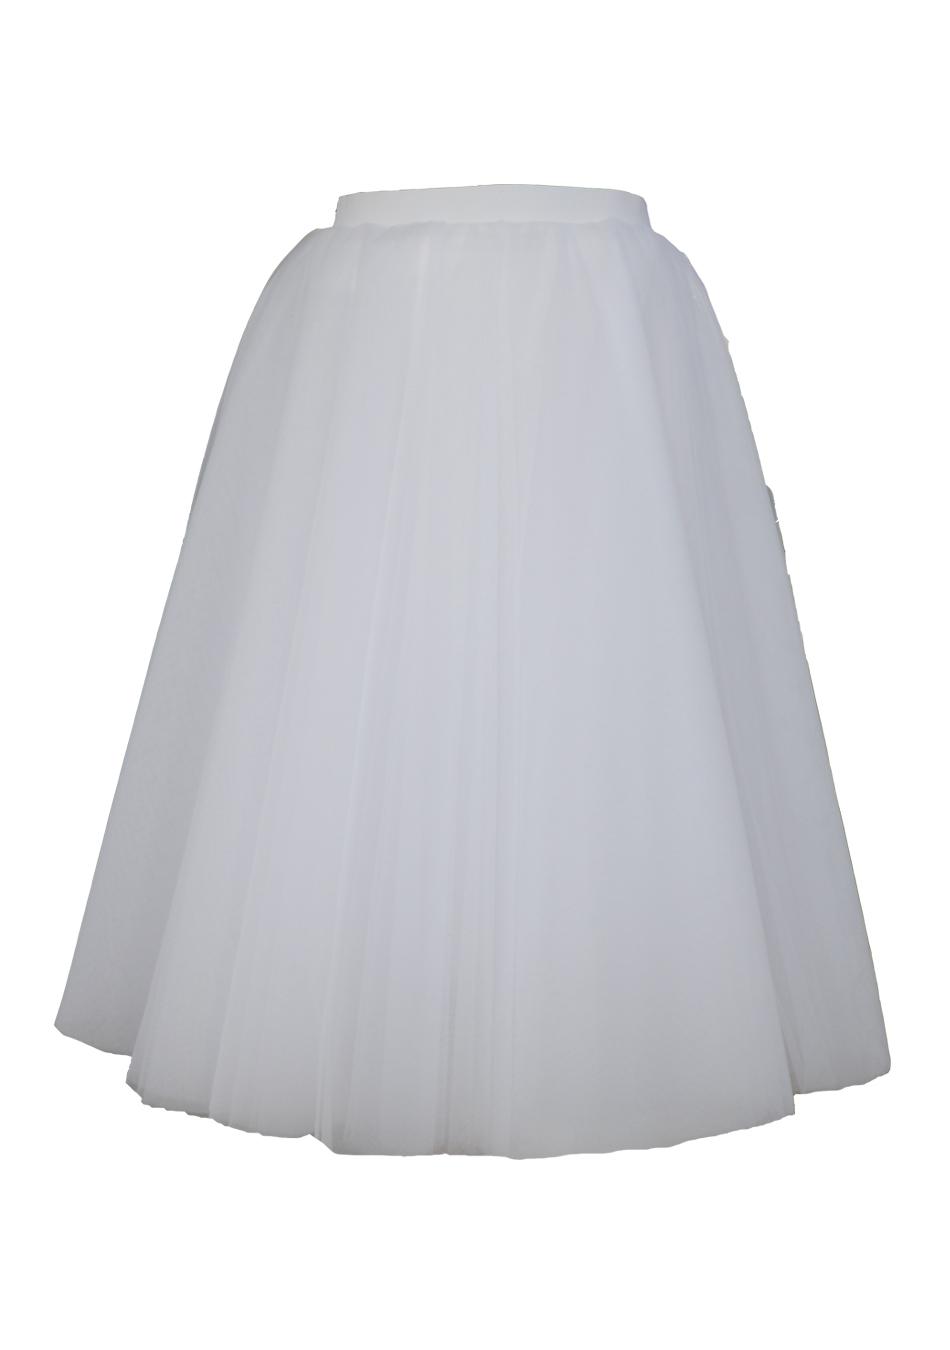 buy popular 31a38 09c5e Patrizia Cavalleri | Abbigliamento | Gonna in tulle morbido